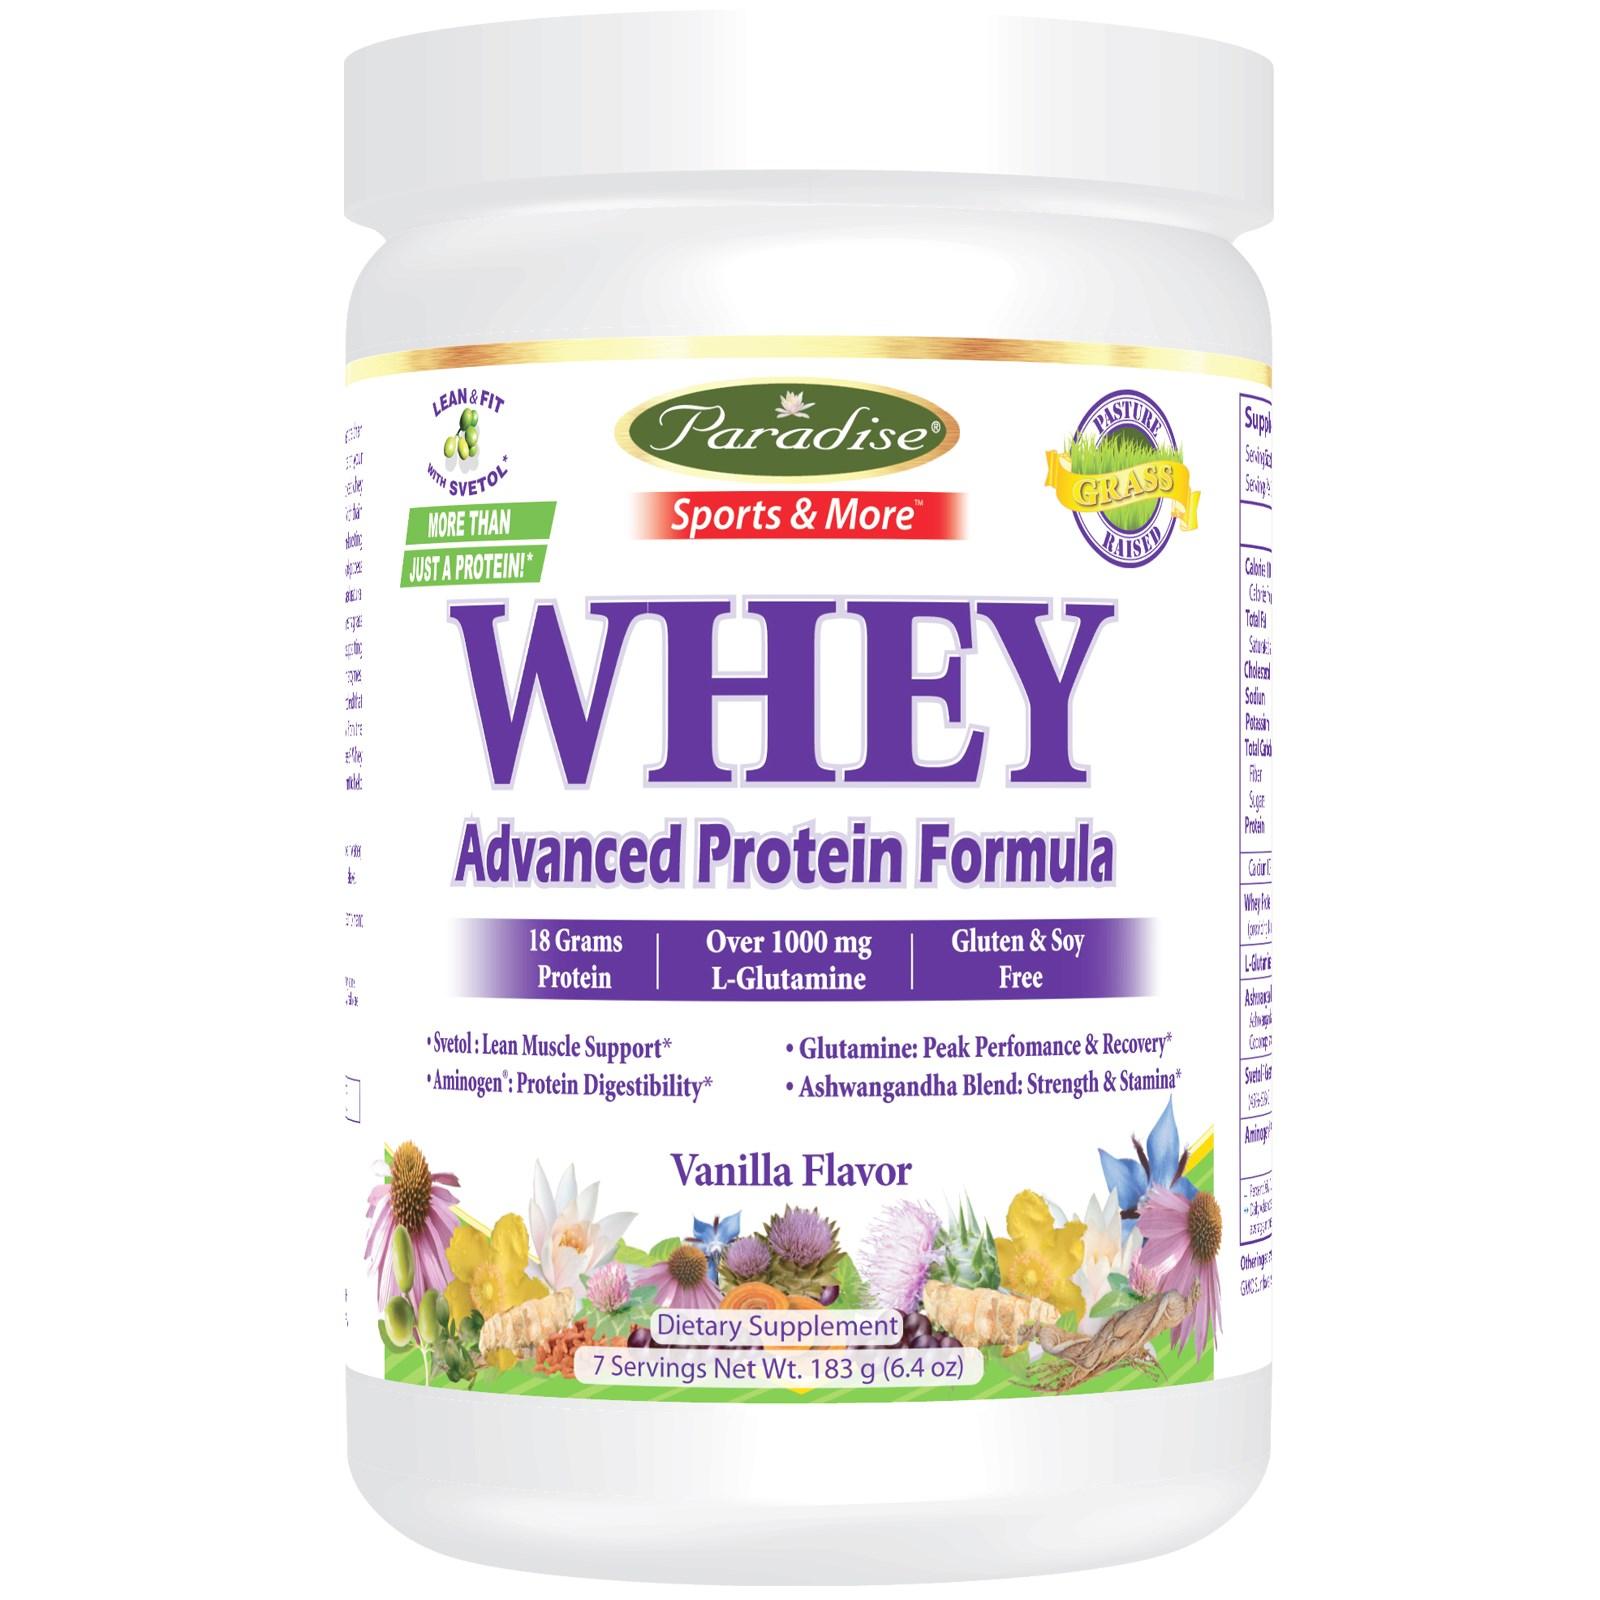 Paradise whey protein